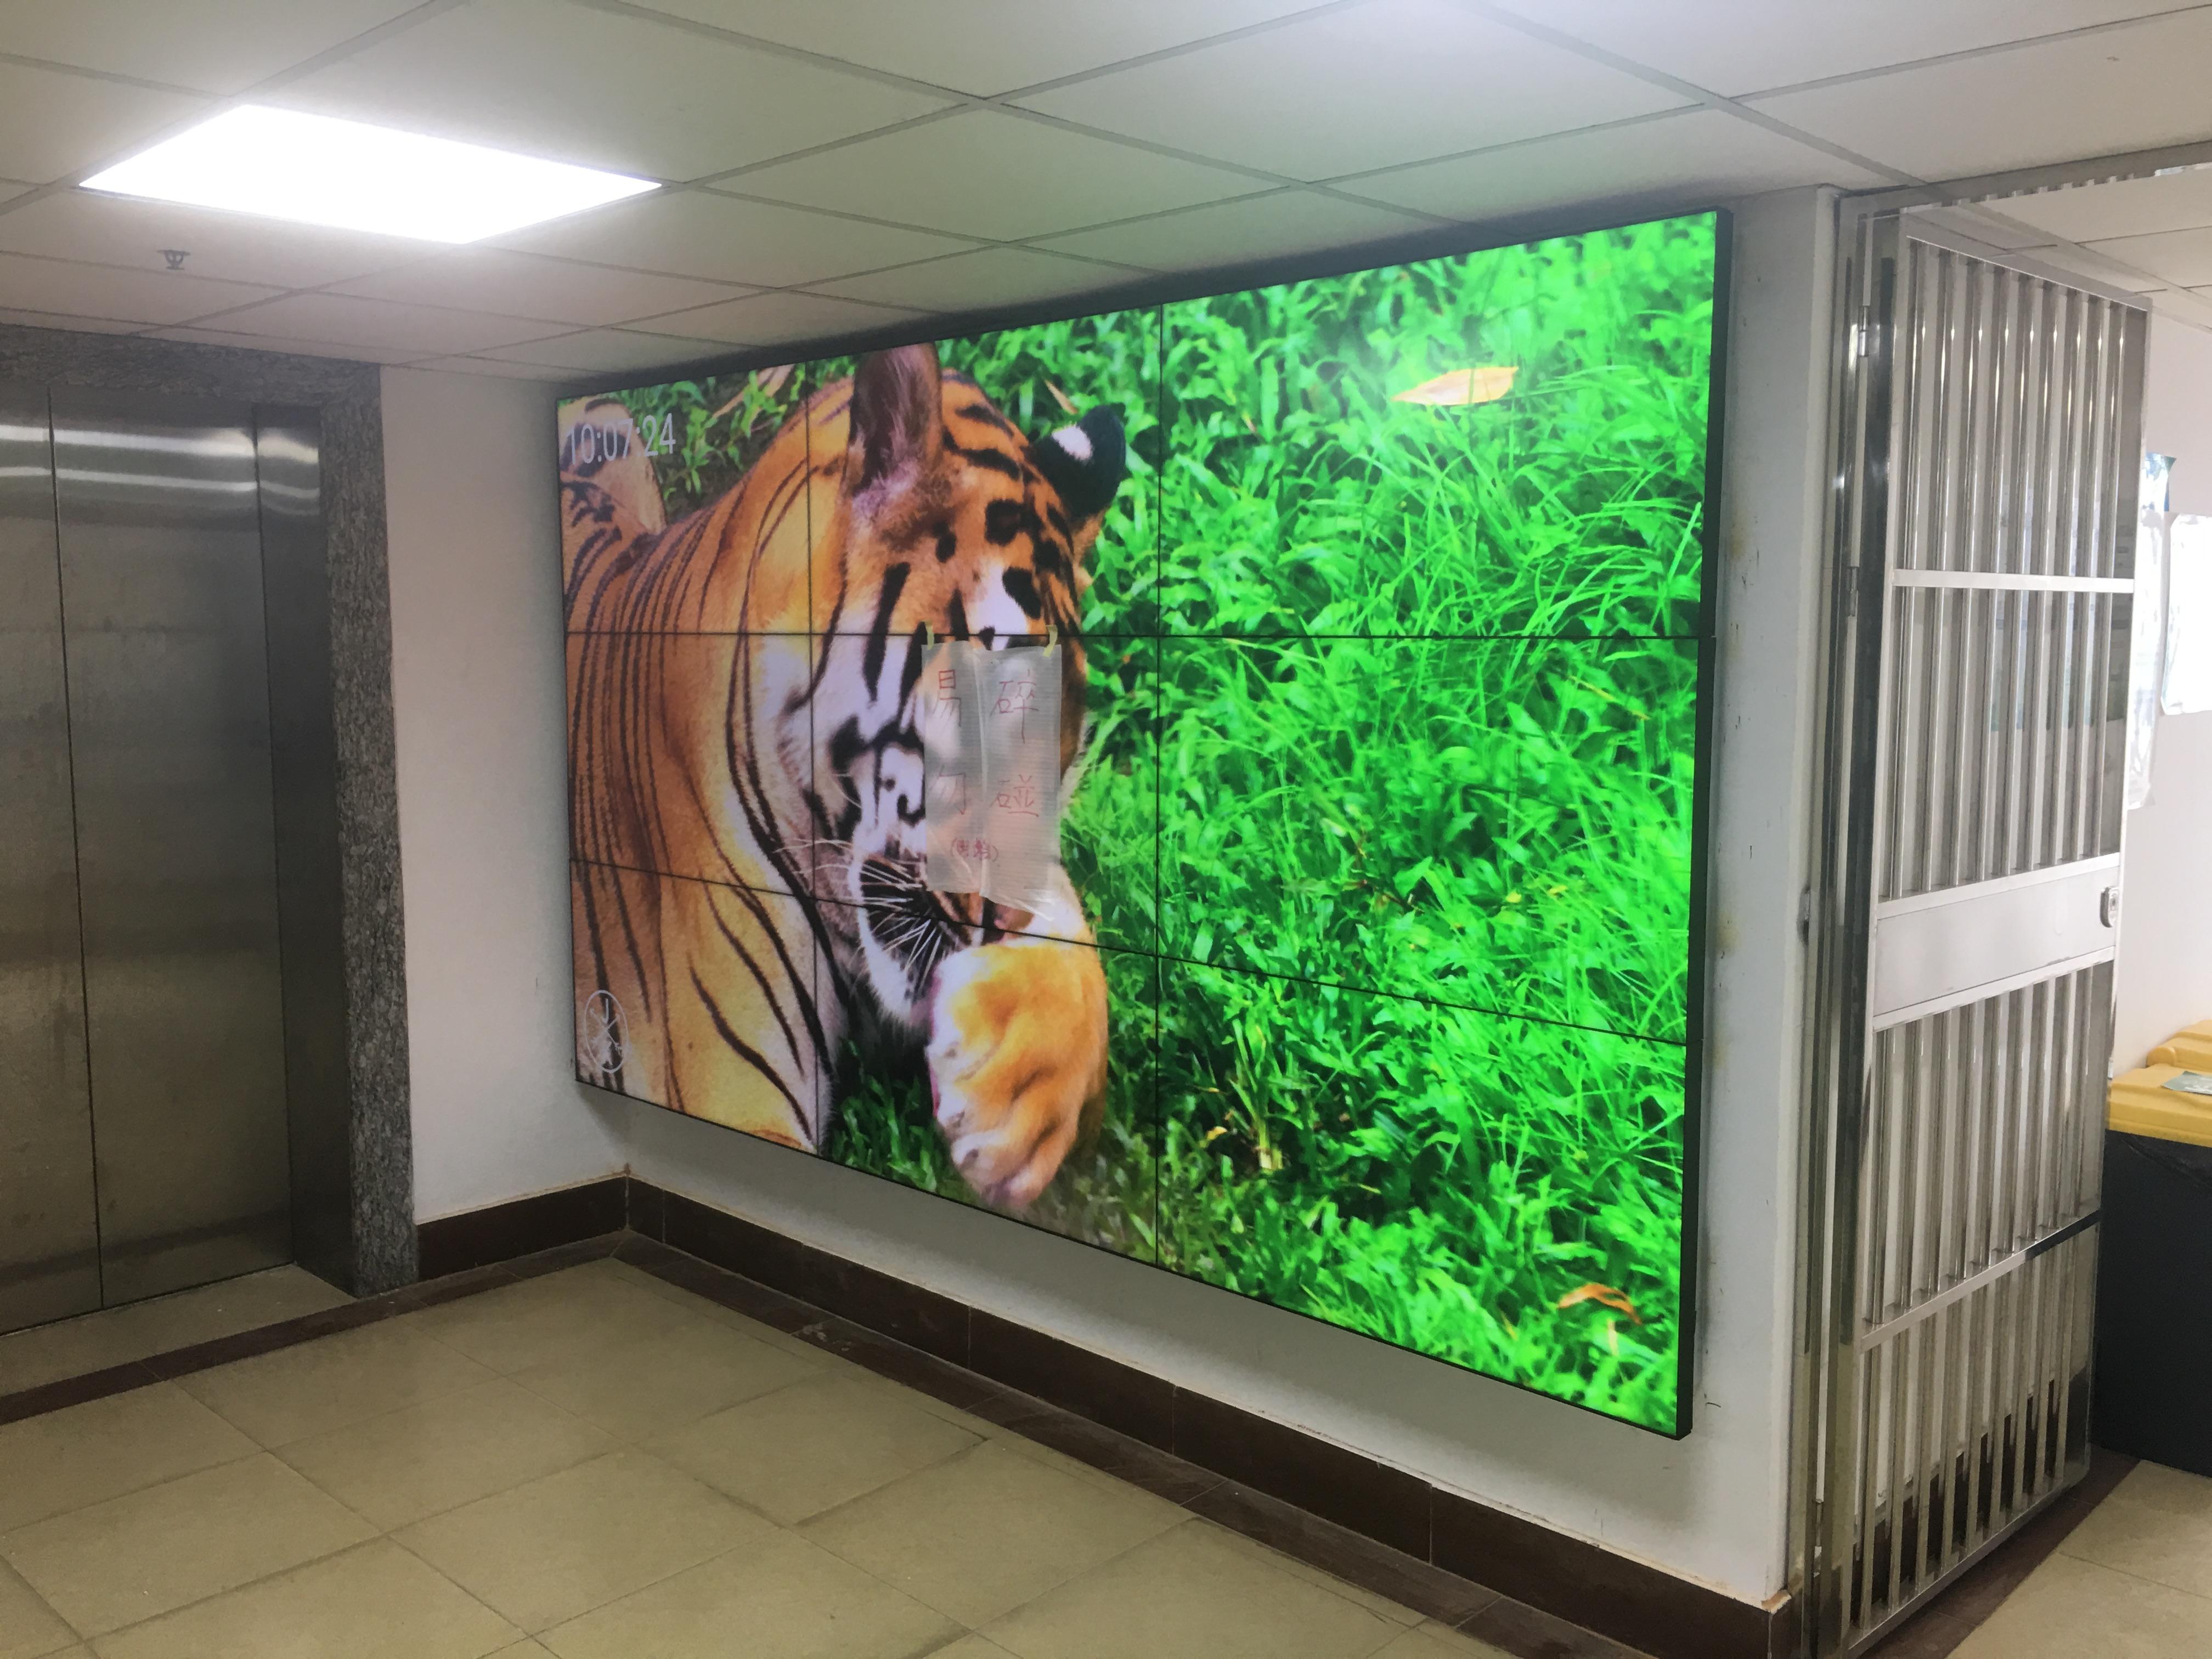 久屏显示46寸1.7毫米液晶拼接屏应用于无锡市教育局